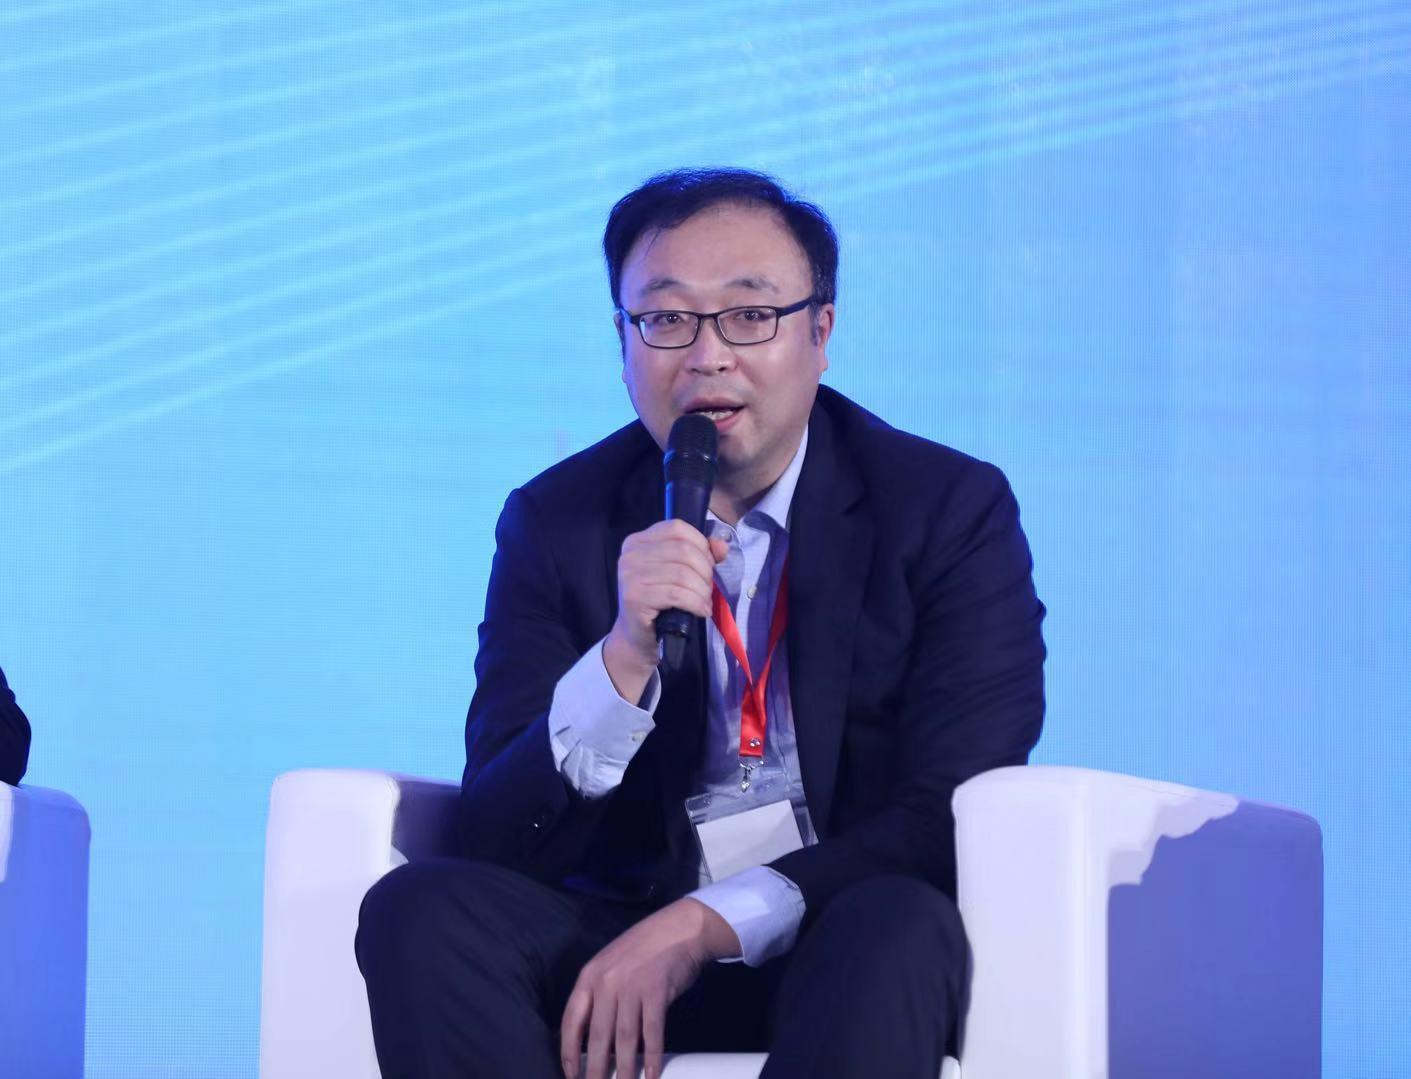 北京集成电路产业发展股权投资基金副总经理李鑫